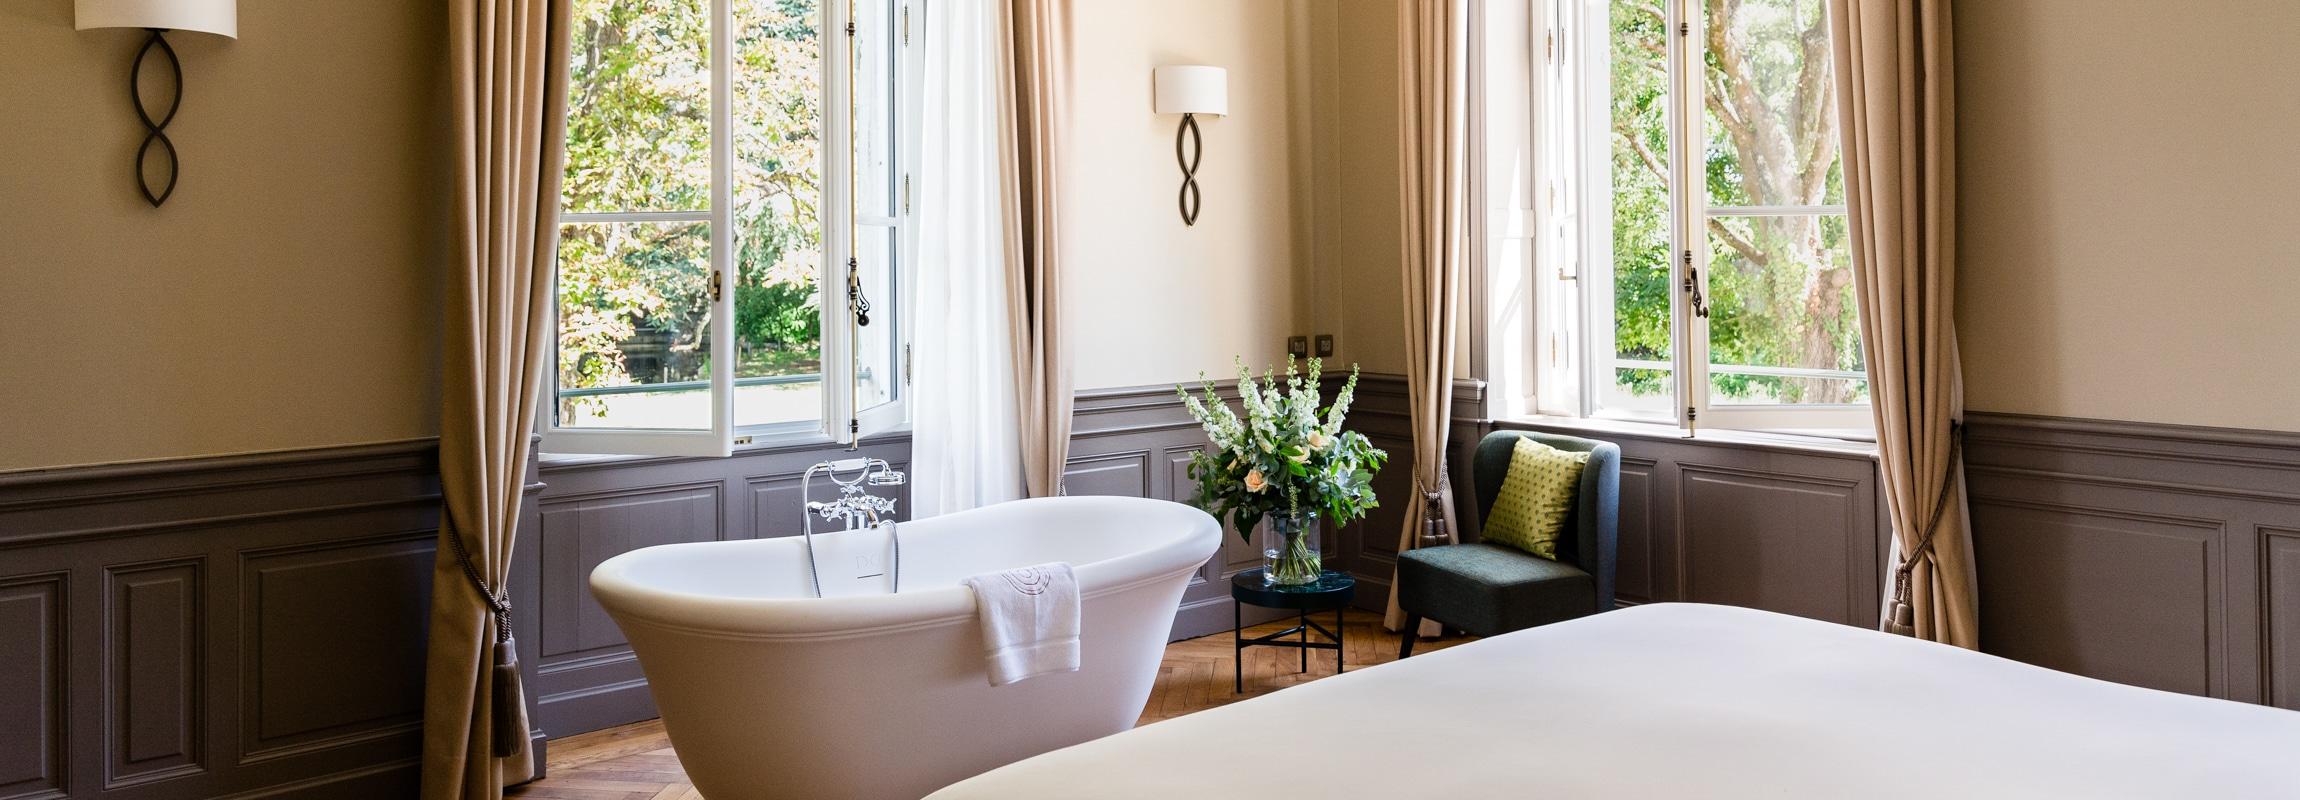 Suite Collain, baignoire centrale, Château de Montcaud, Hôtel Provence